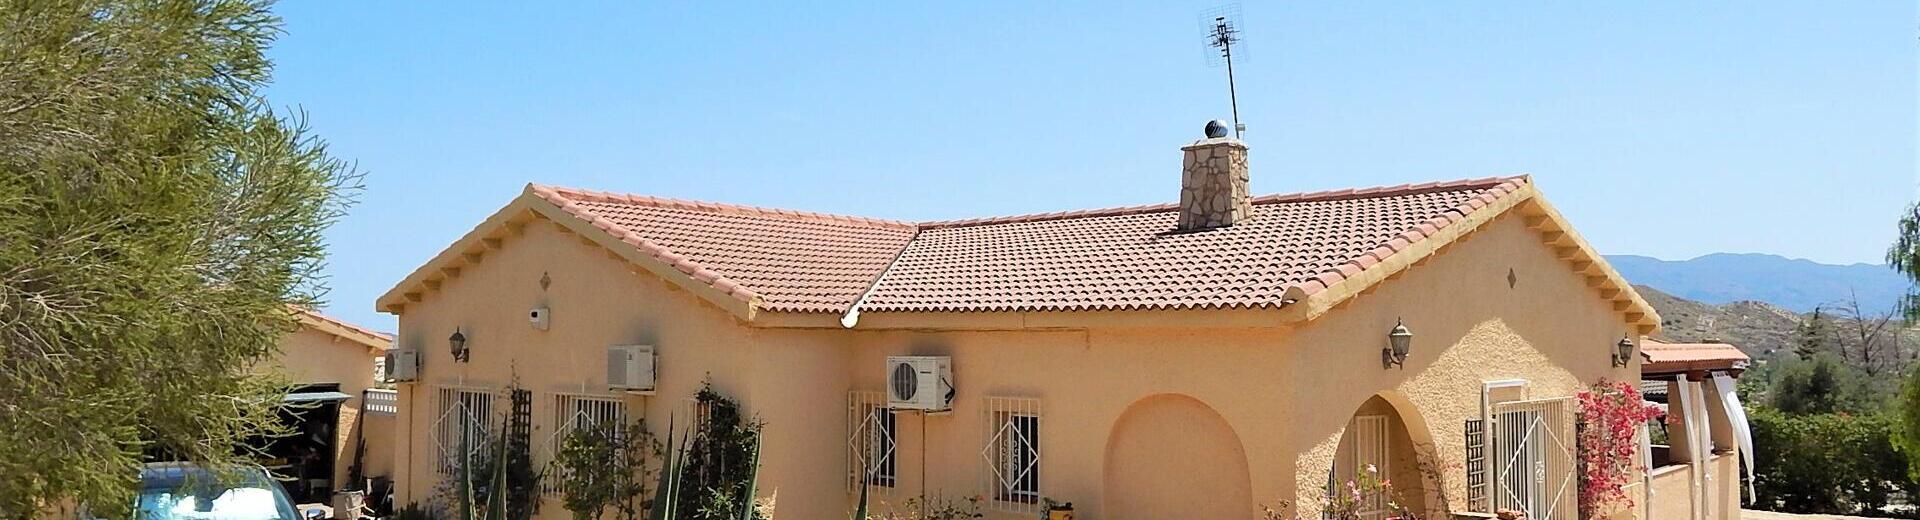 VIP7594: Villa for Sale